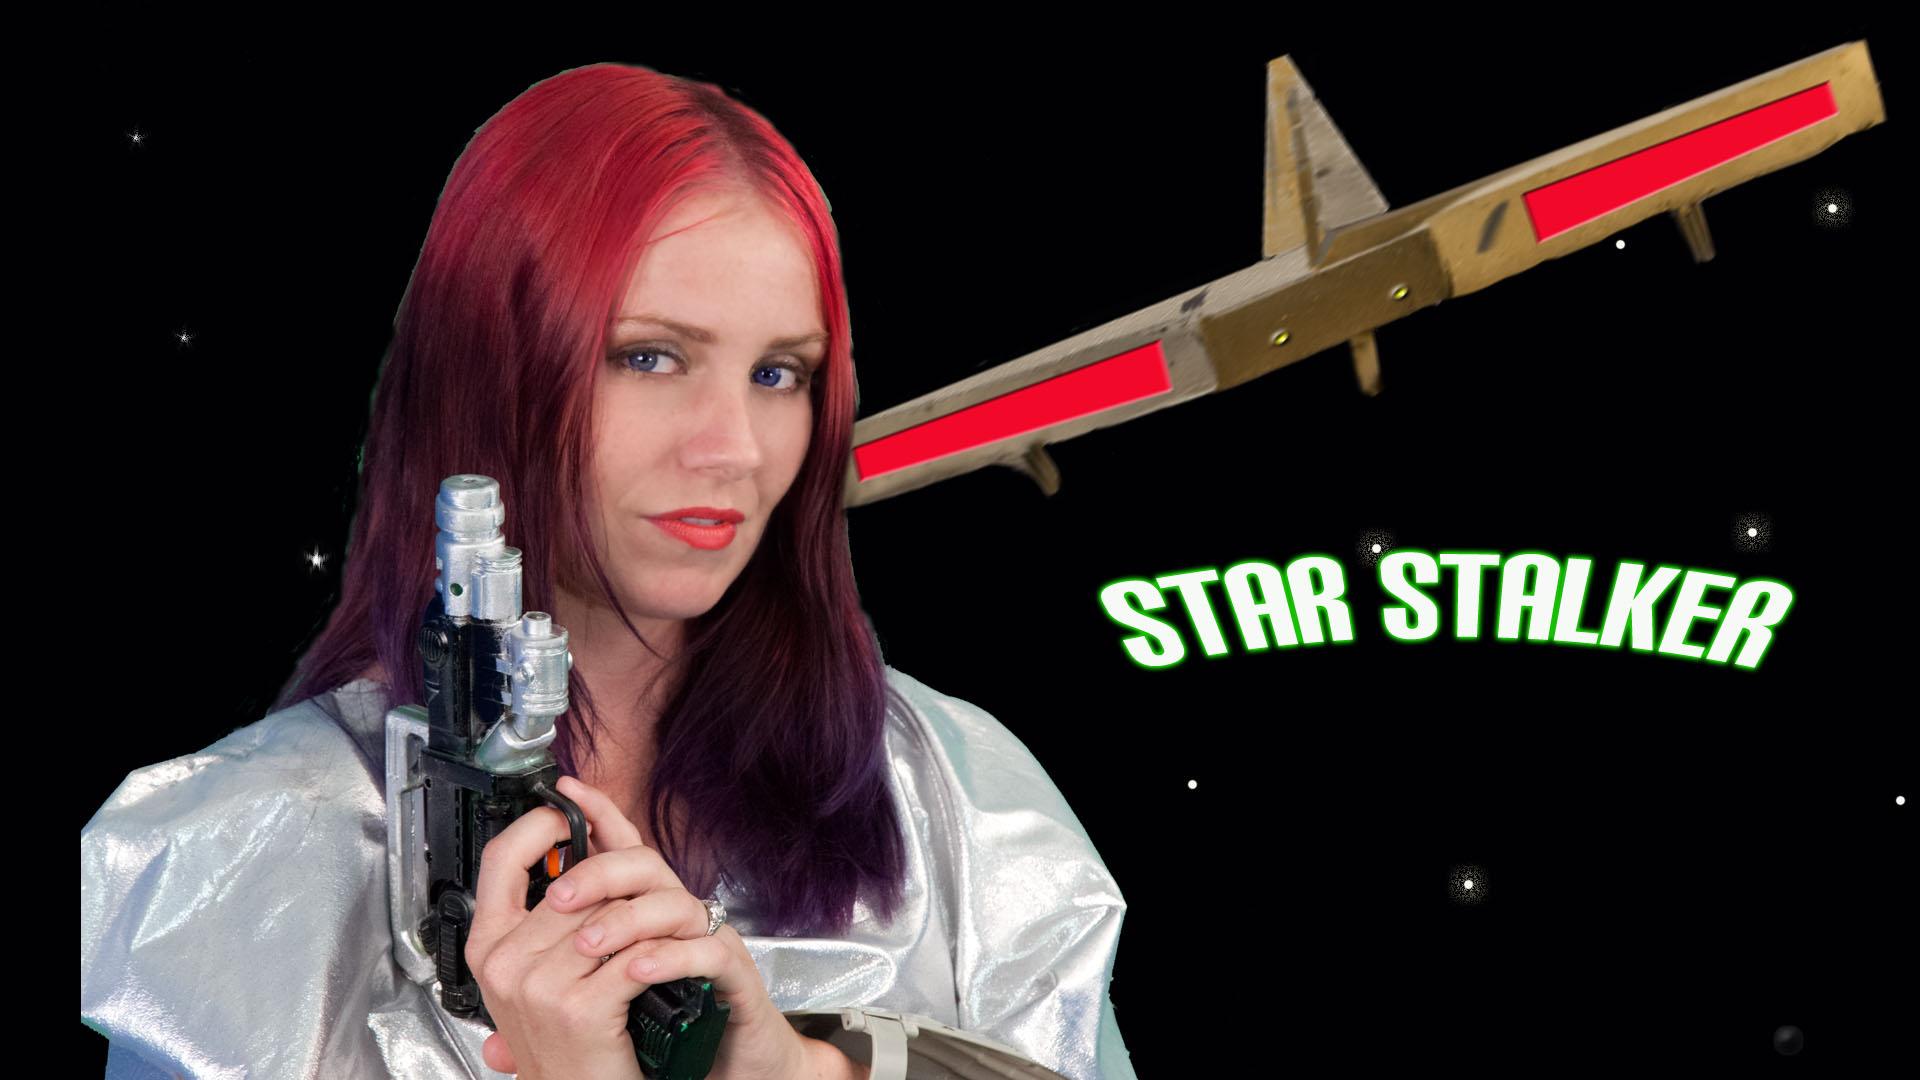 Star Stalker